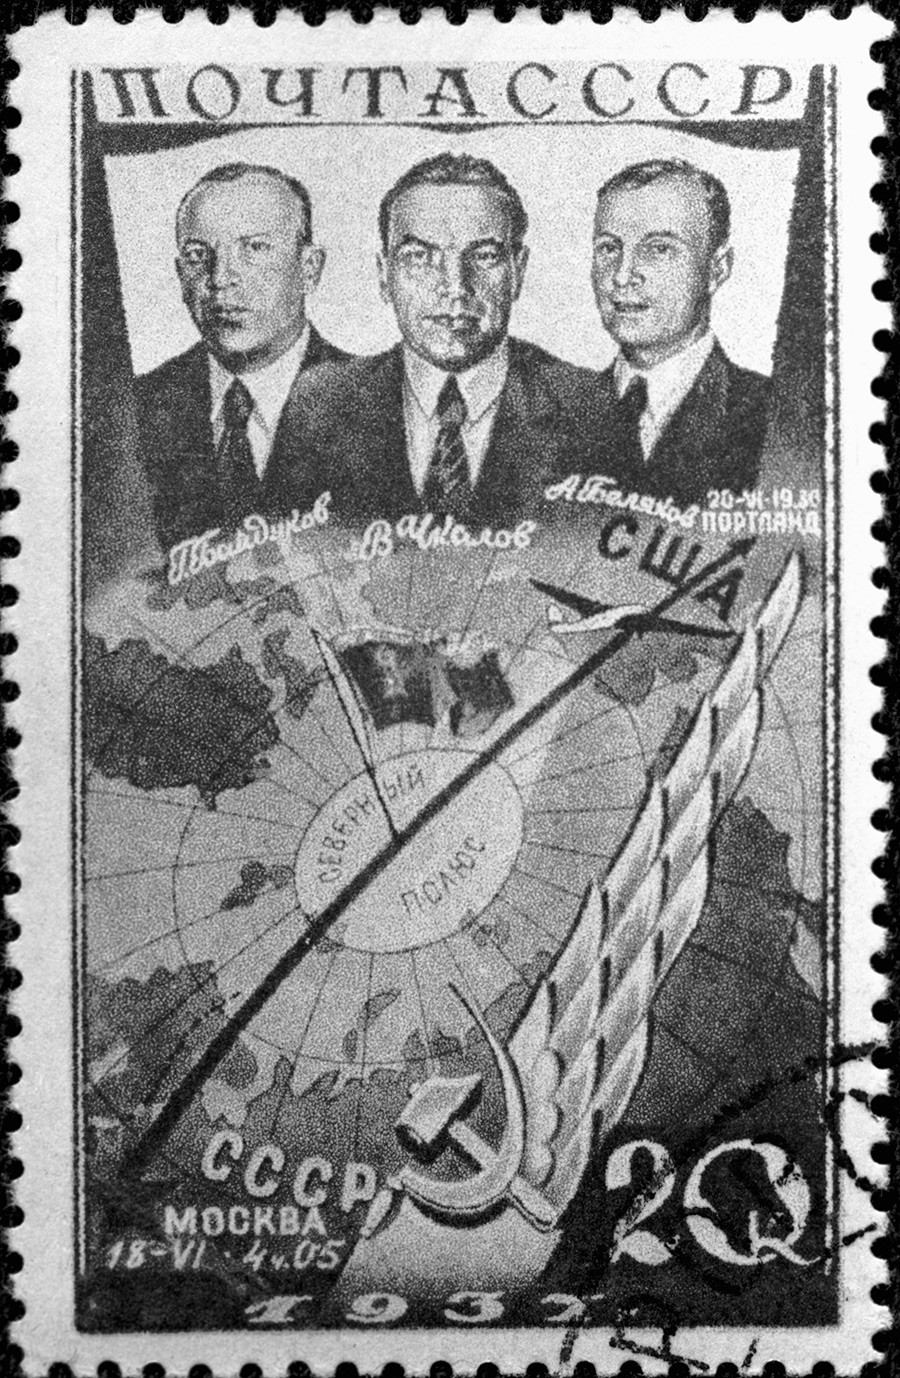 モスクワー北極ーポートランド (米国)の超長距離飛行を記念に発行された切手。